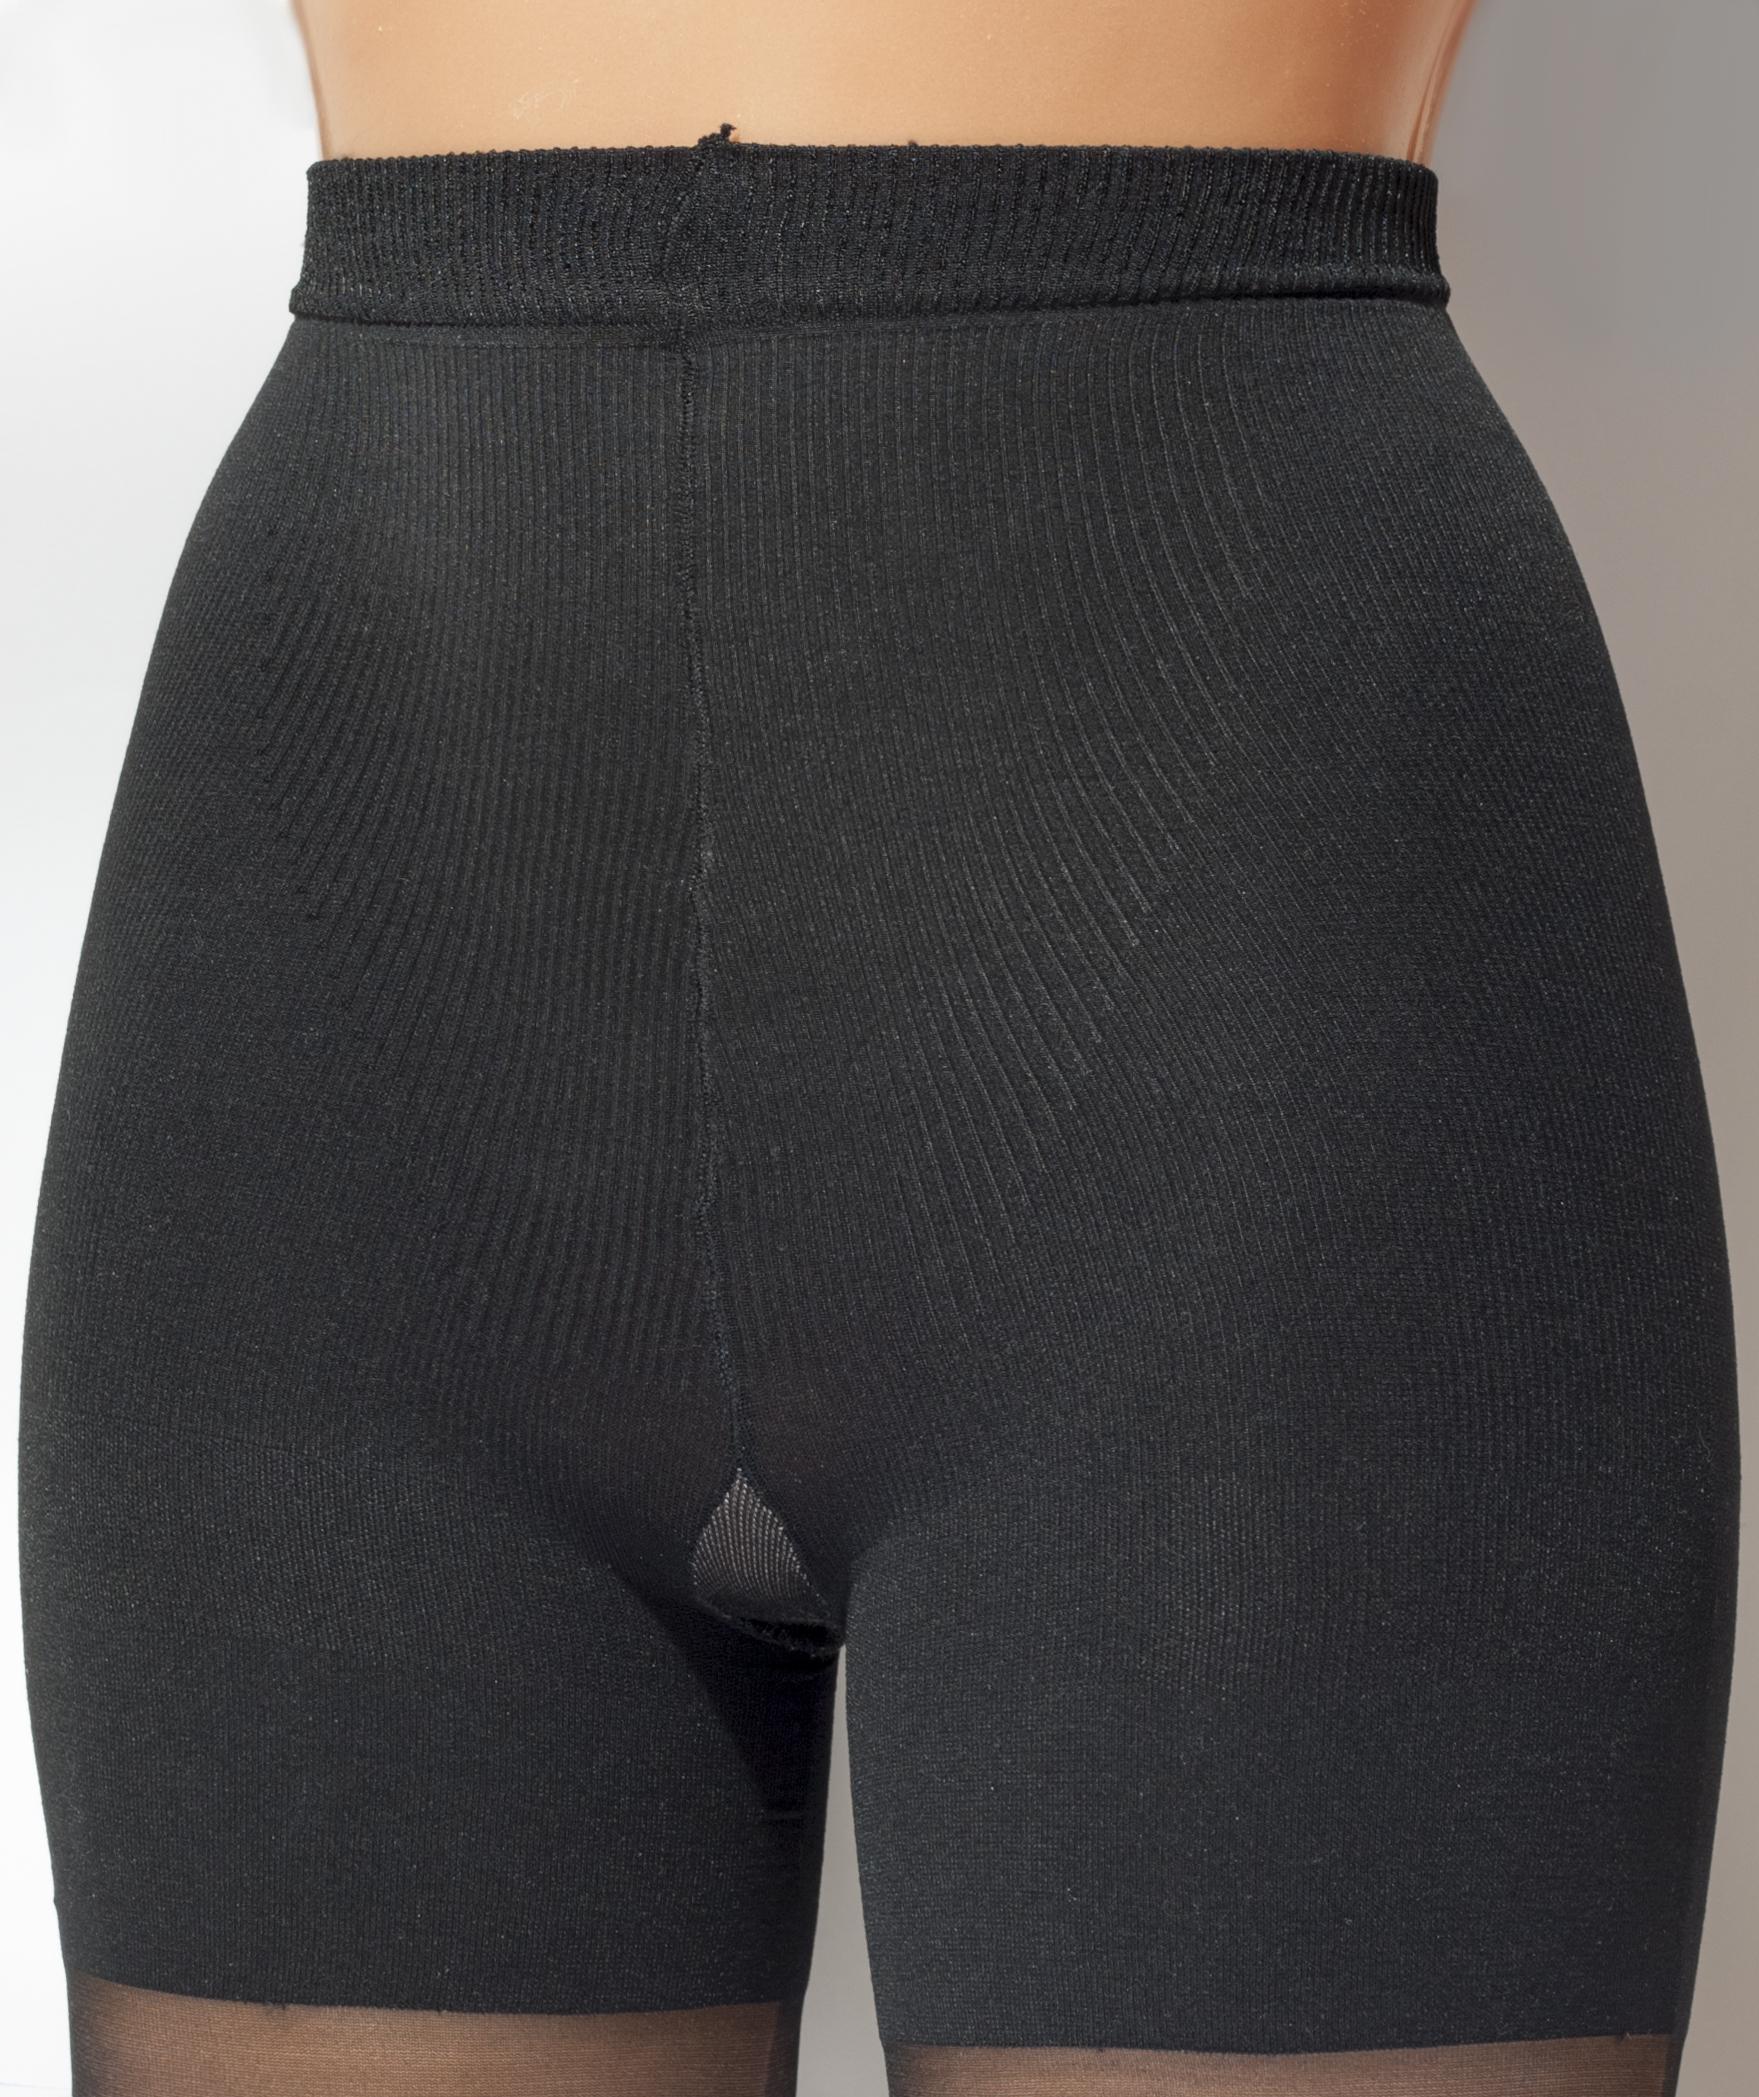 Upskirt pantyhose pics